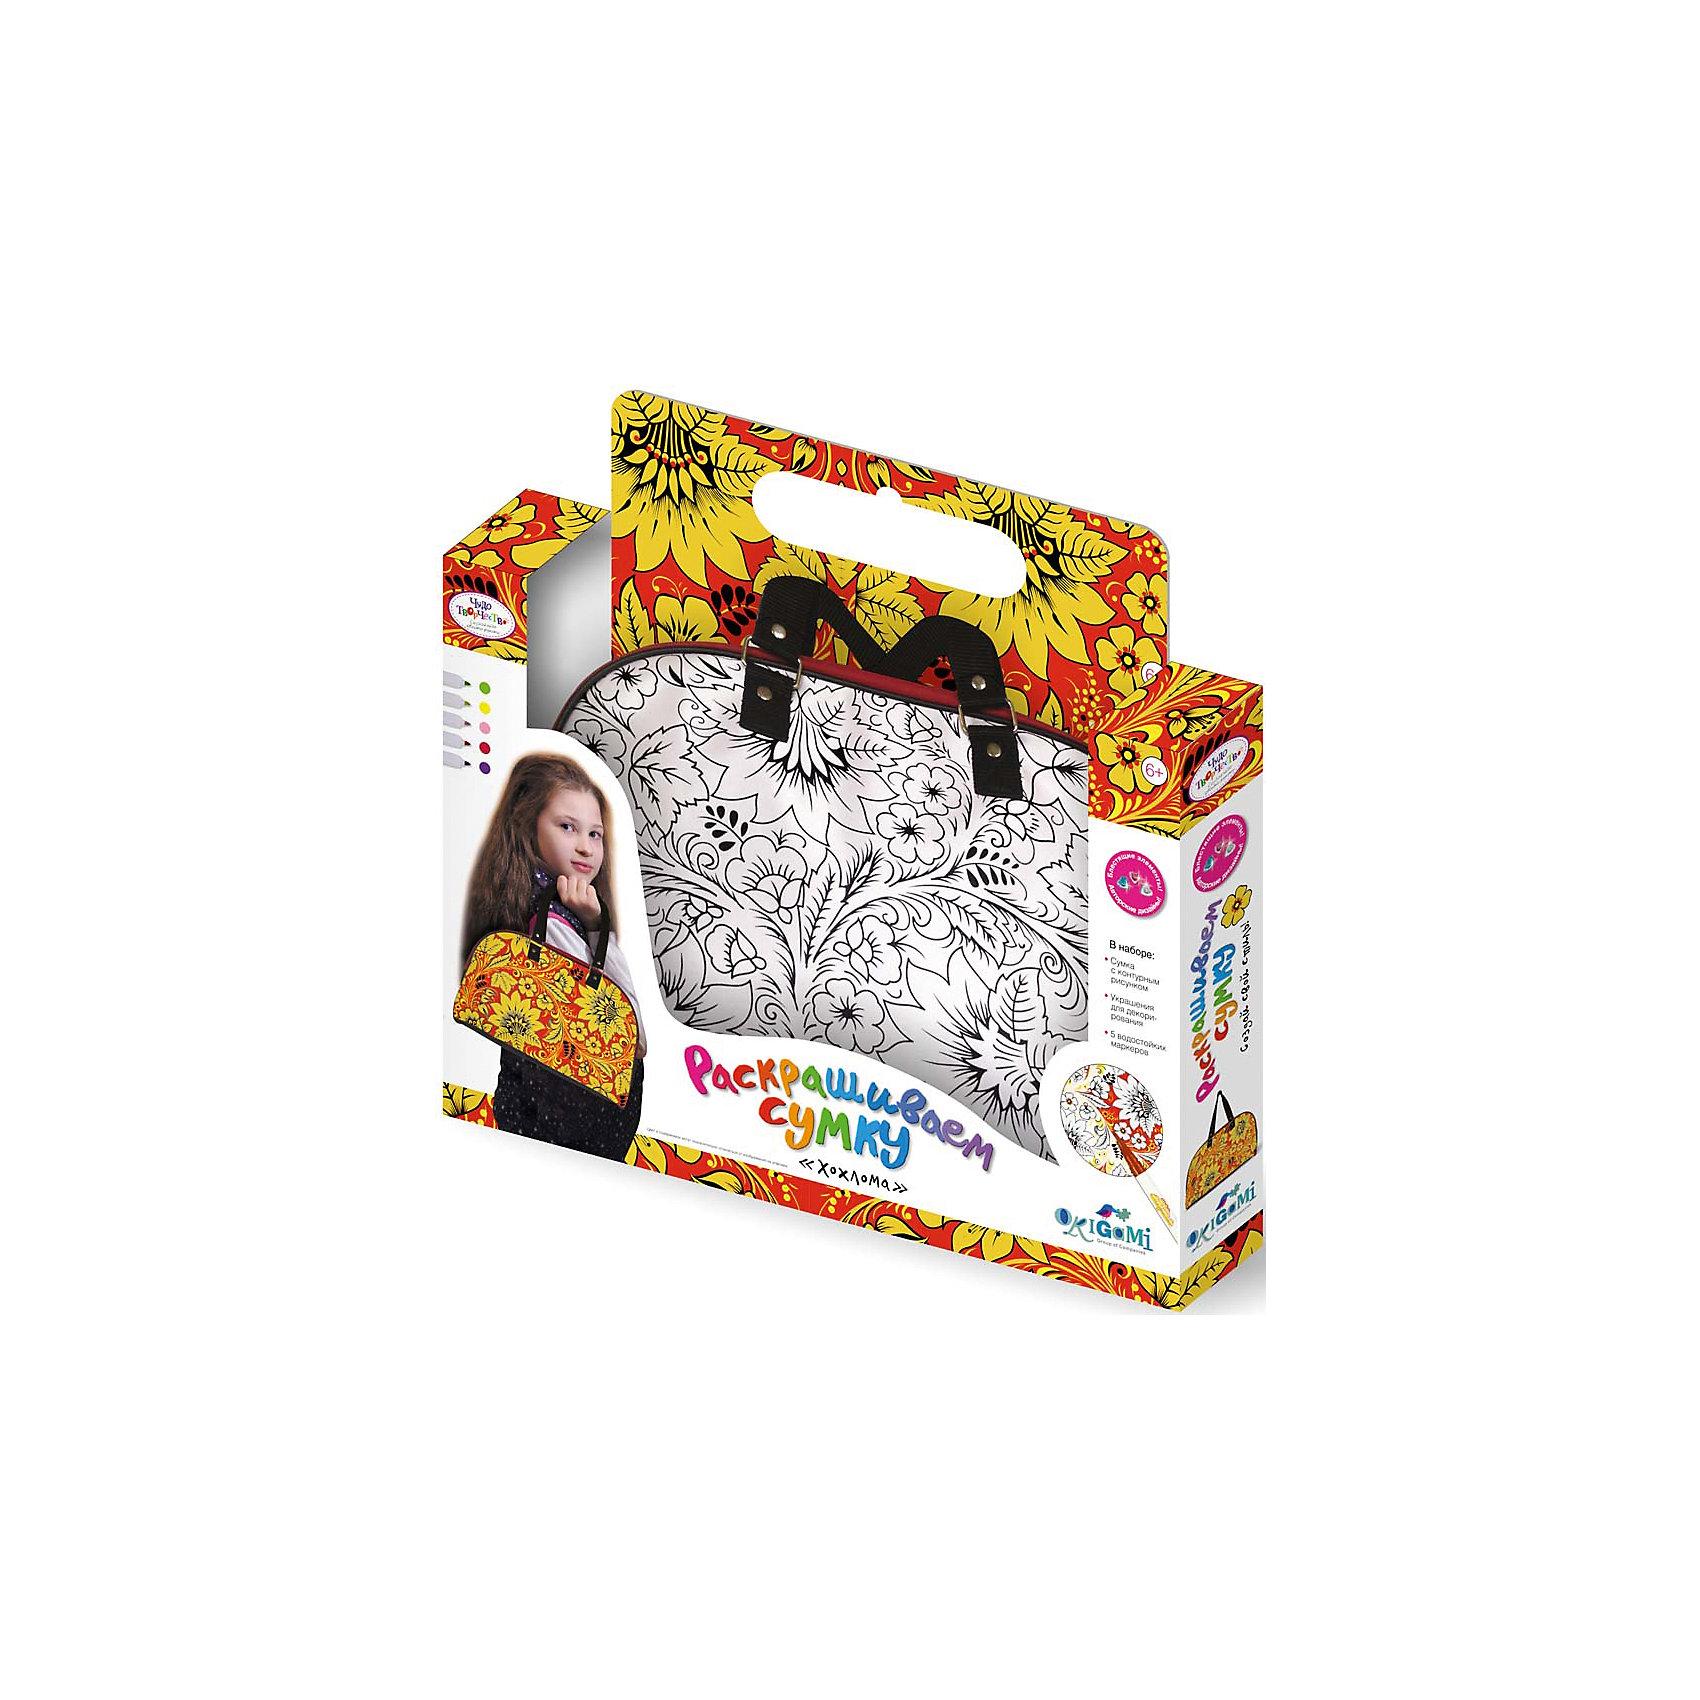 Сумка для раскрашивания Хохлома, ОригамиСумка для раскрашивания Хохлома , Оригами – этот набор поможет вашей девочке создать стильный и неповторимый аксессуар.<br>Набор Сумка для раскрашивания Хохлома, Оригами, несомненно, порадует любую девочку и надолго займет ее внимание. Набор содержит сумку для раскрашивания с авторским дизайном, выполненным в стиле хохломской росписи, 5 водостойких маркеров (сиреневого, желтого, салатового, голубого и розового цветов) и самоклеящиеся украшения для декорирования. С помощью элементов набора ваша девочка сможет самостоятельно создать эксклюзивную сумку на свой вкус и цвет, а простая инструкция покажет, как это сделать. Стильная сумочка, раскрашенная в яркие цвета, понравится юной моднице. Она будет незаменима для любительниц активного отдыха, путешествий и прогулок по городу. Сумочка с двумя удобными ручками имеет одно отделение, закрывается на застежку-молнию. Сумочка изготовлена из высококачественного прочного полиэстера и безвредна для здоровья.<br><br>Дополнительная информация:<br><br>- В наборе: сумка с контурным рисунком, 5 маркеров, самоклеящиеся украшения<br>- Размер упаковки: 34х25х4,5 см.<br>- Вес упаковки: 200 гр.<br><br>Сумку для раскрашивания Хохлома , Оригами можно купить в нашем интернет-магазине.<br><br>Ширина мм: 340<br>Глубина мм: 250<br>Высота мм: 45<br>Вес г: 200<br>Возраст от месяцев: 60<br>Возраст до месяцев: 120<br>Пол: Унисекс<br>Возраст: Детский<br>SKU: 4075986